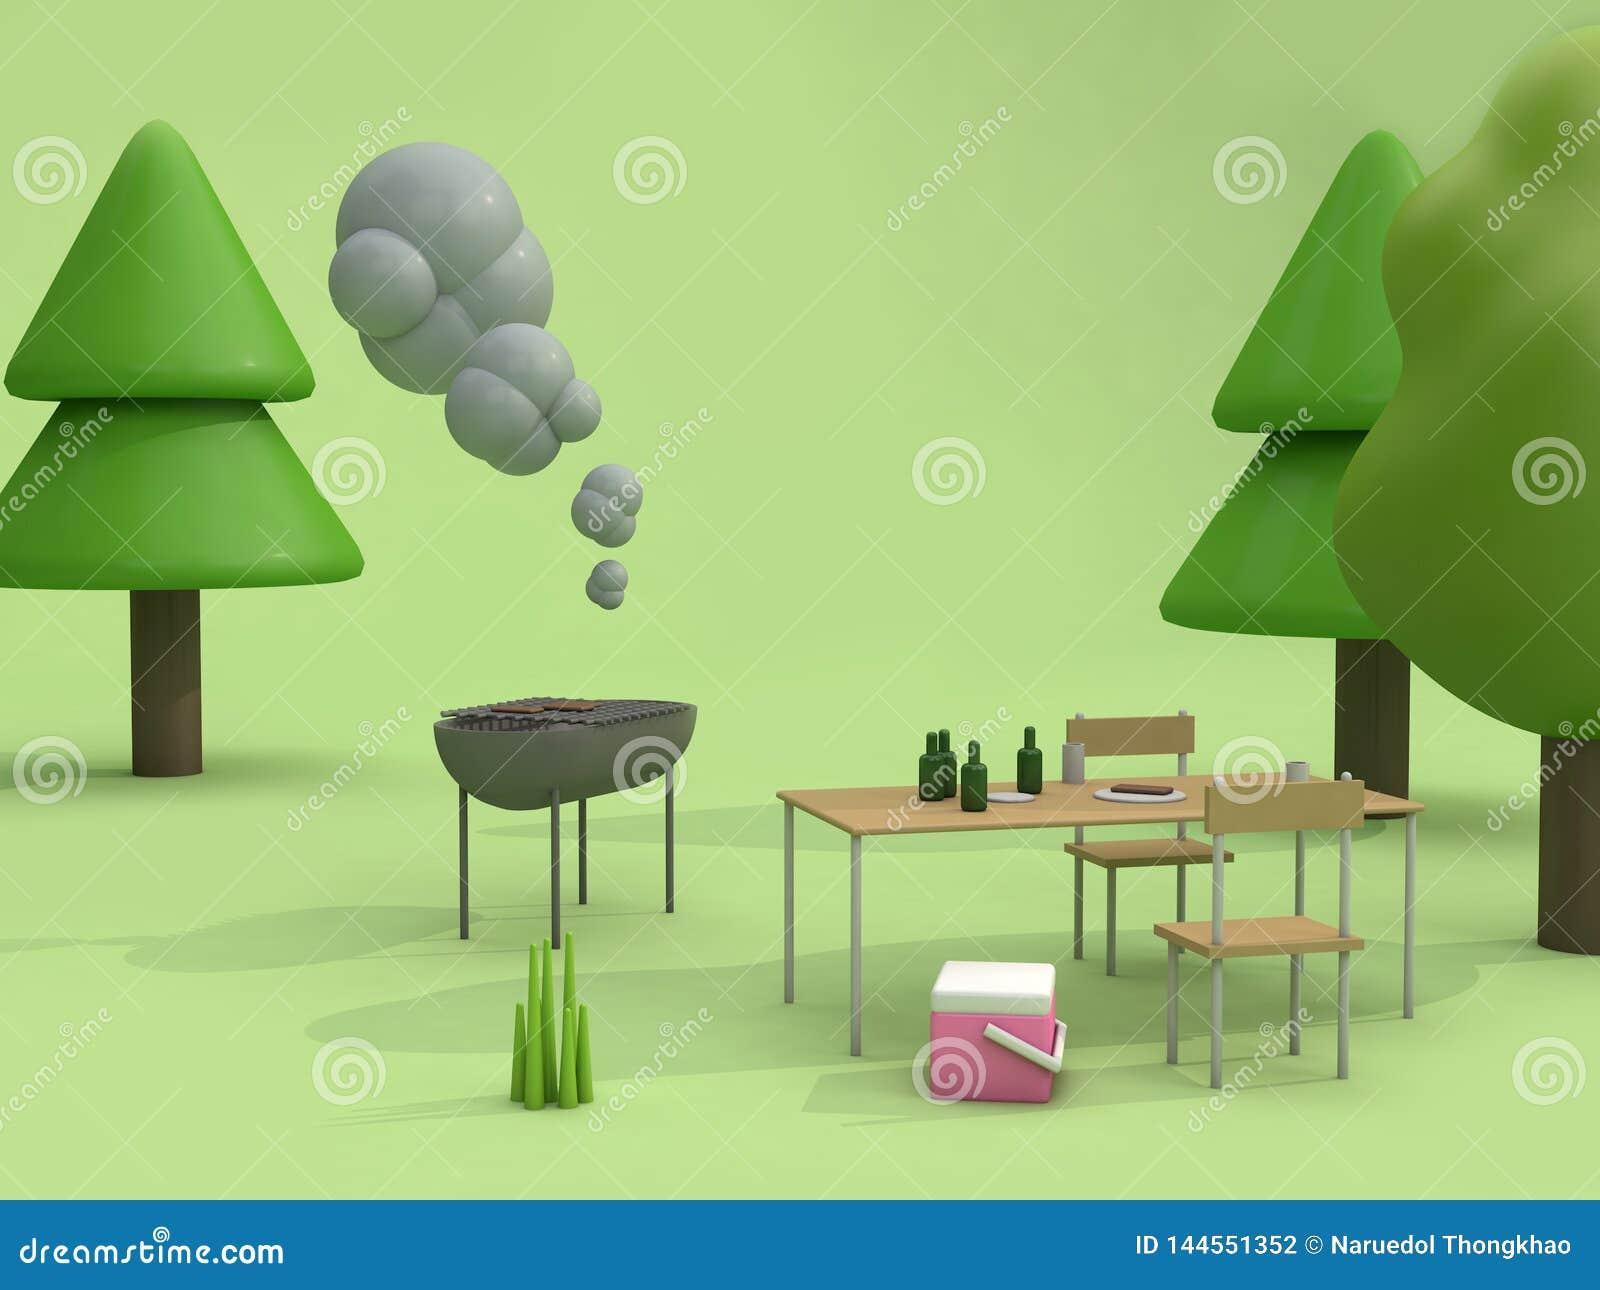 Barbecuepicknick in het groene de stijl van het het conceptenbeeldverhaal van de parken openluchtzomer 3d teruggeven